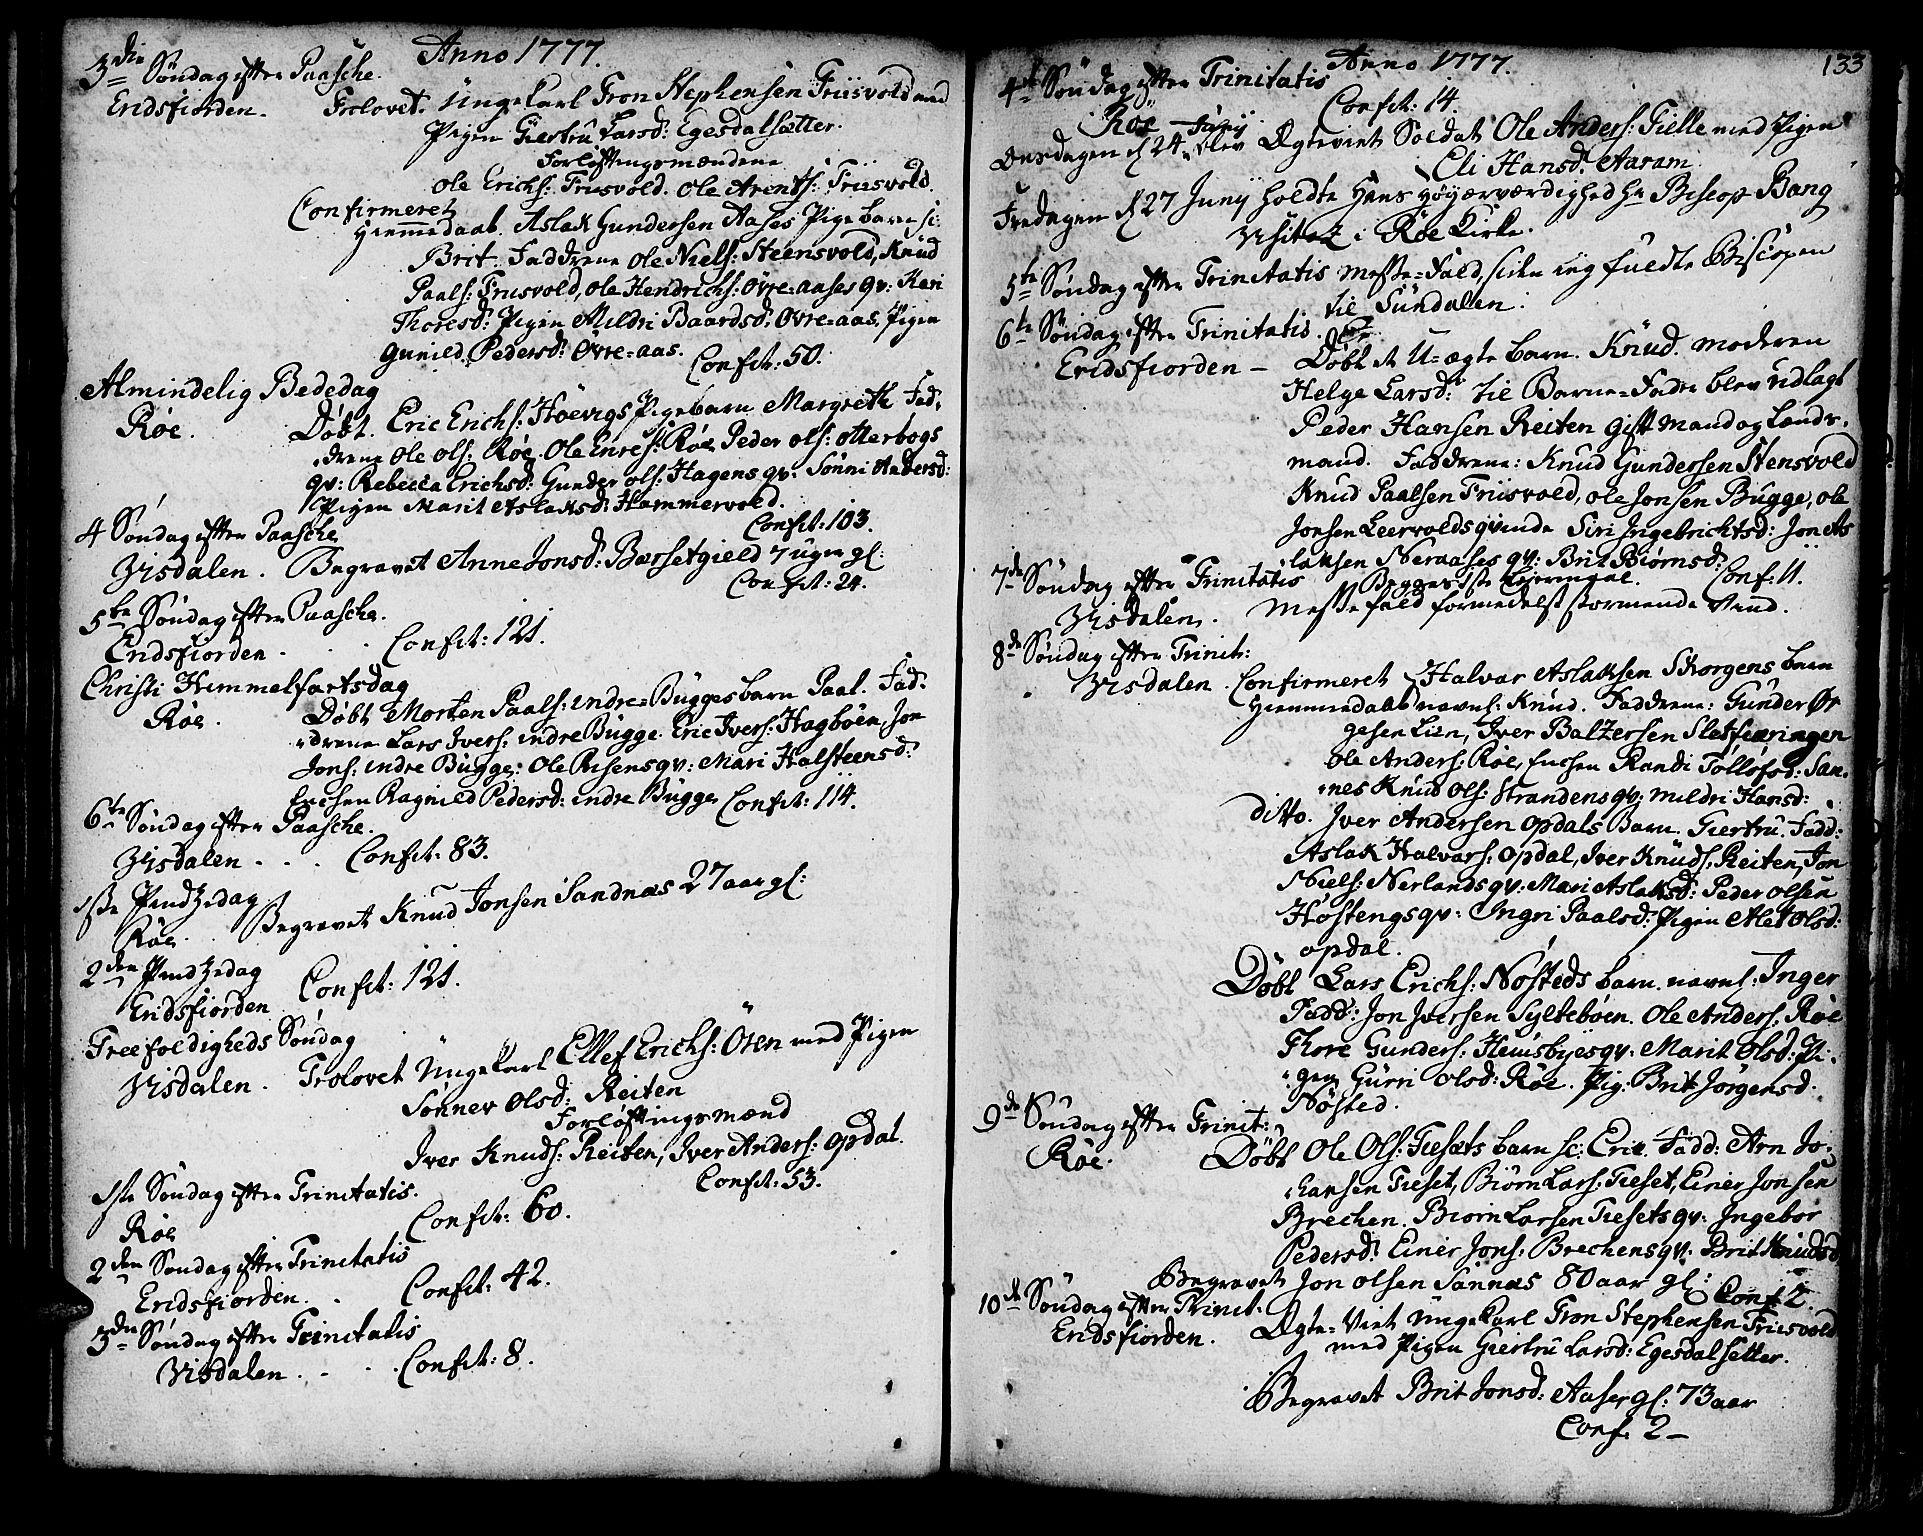 SAT, Ministerialprotokoller, klokkerbøker og fødselsregistre - Møre og Romsdal, 551/L0621: Ministerialbok nr. 551A01, 1757-1803, s. 133